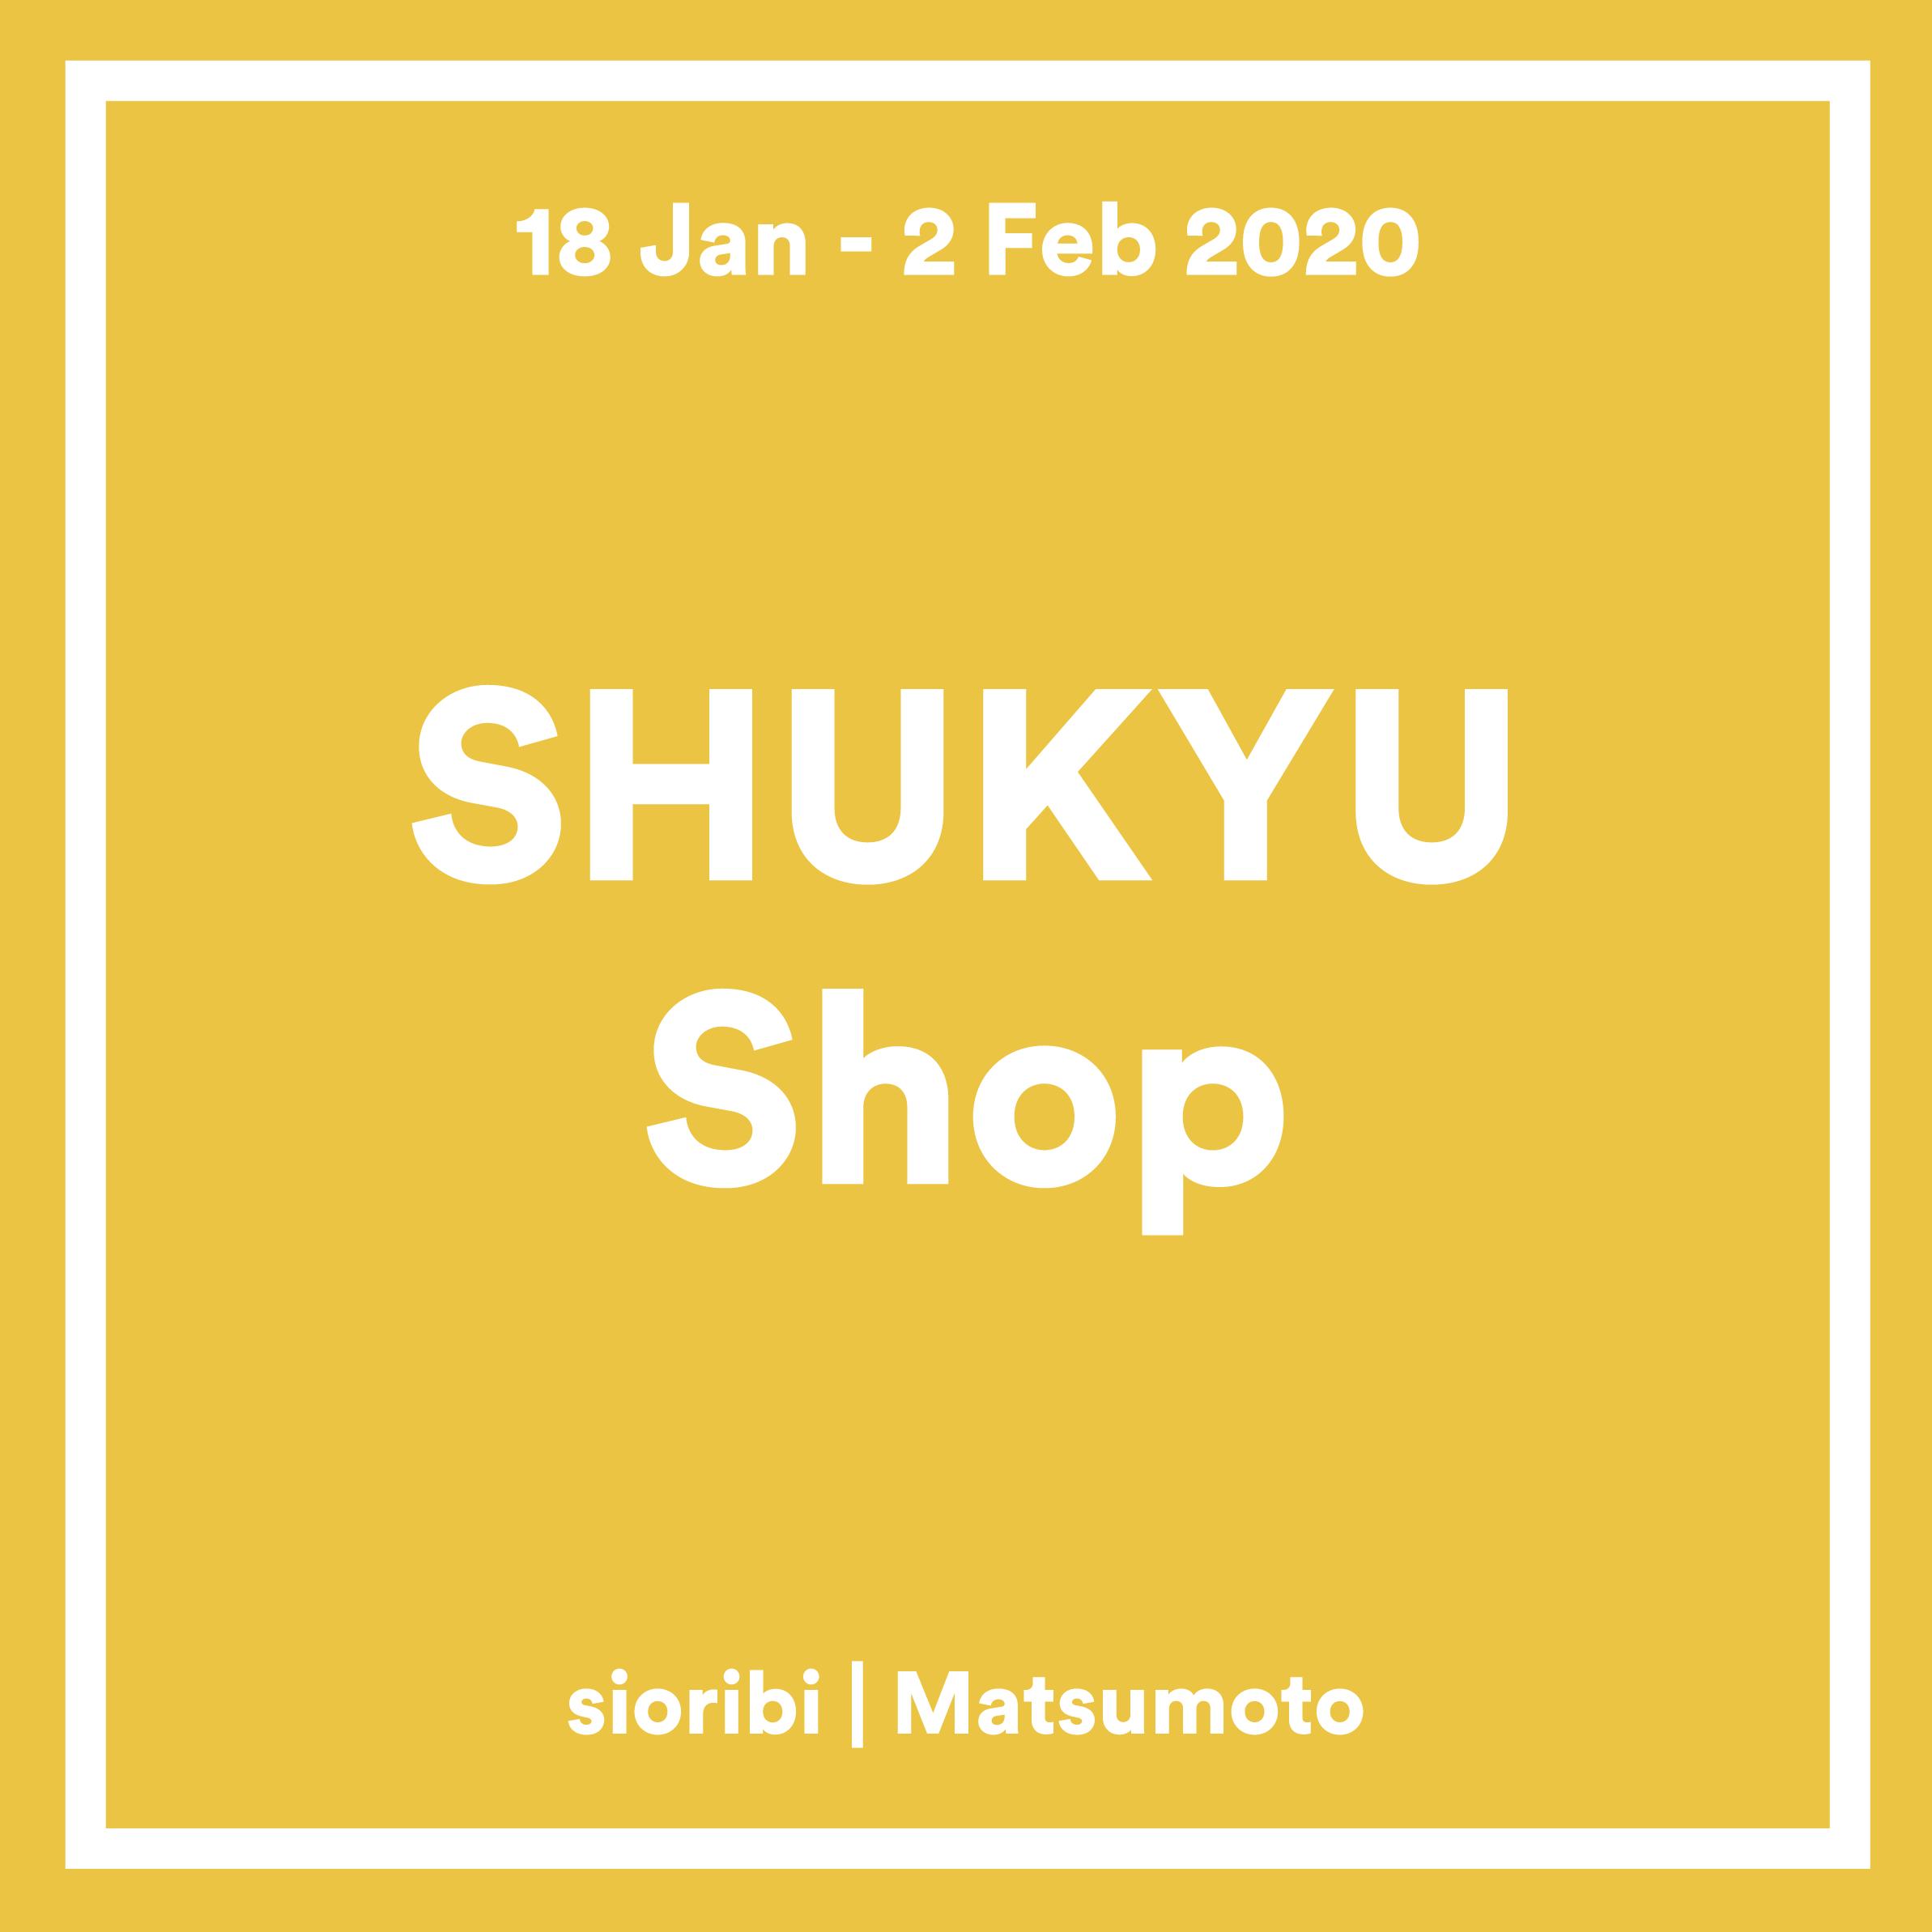 SHUKYU Shop in Matsumoto